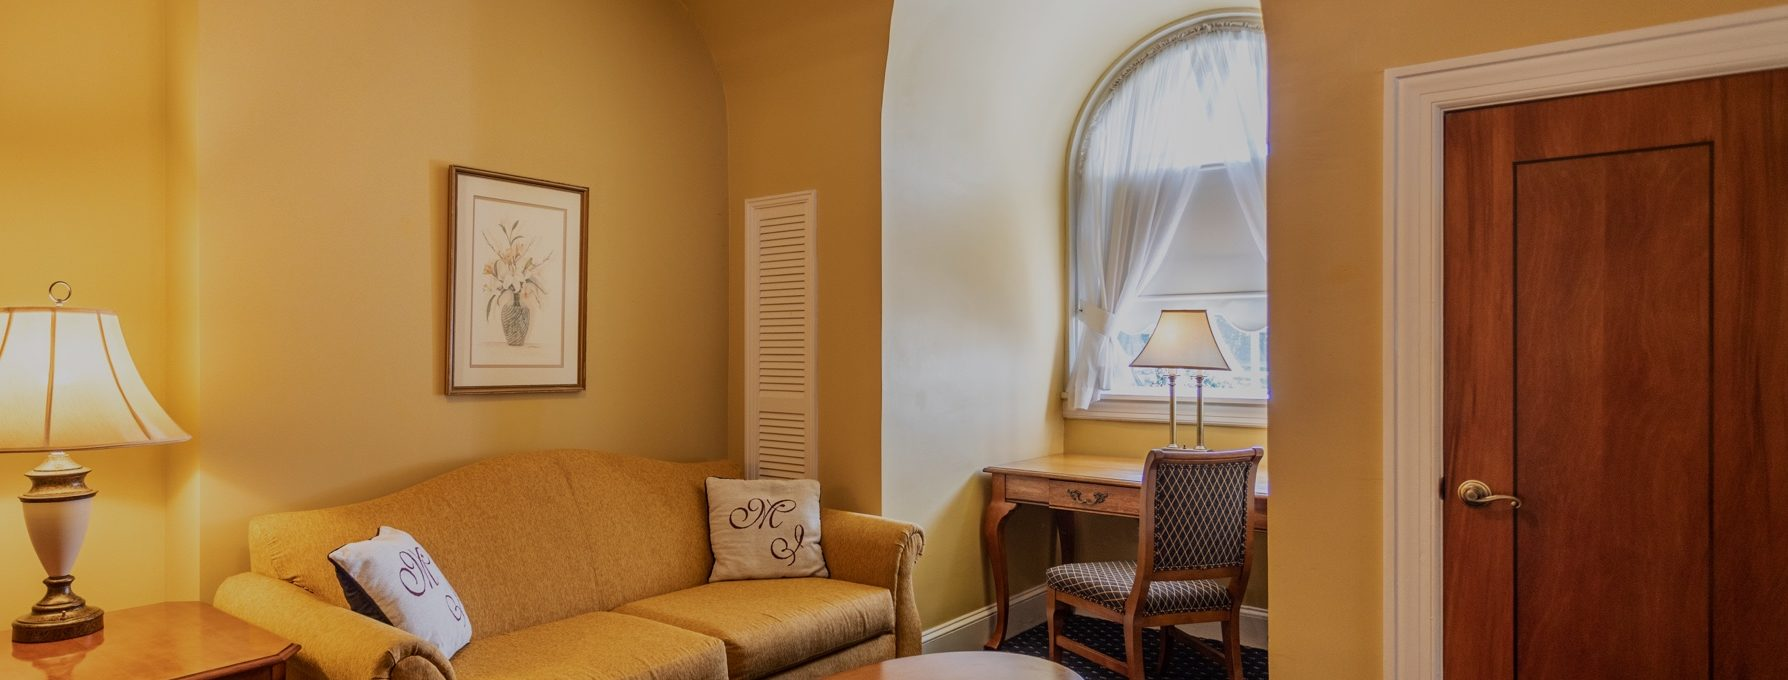 Hotel suite sitting area